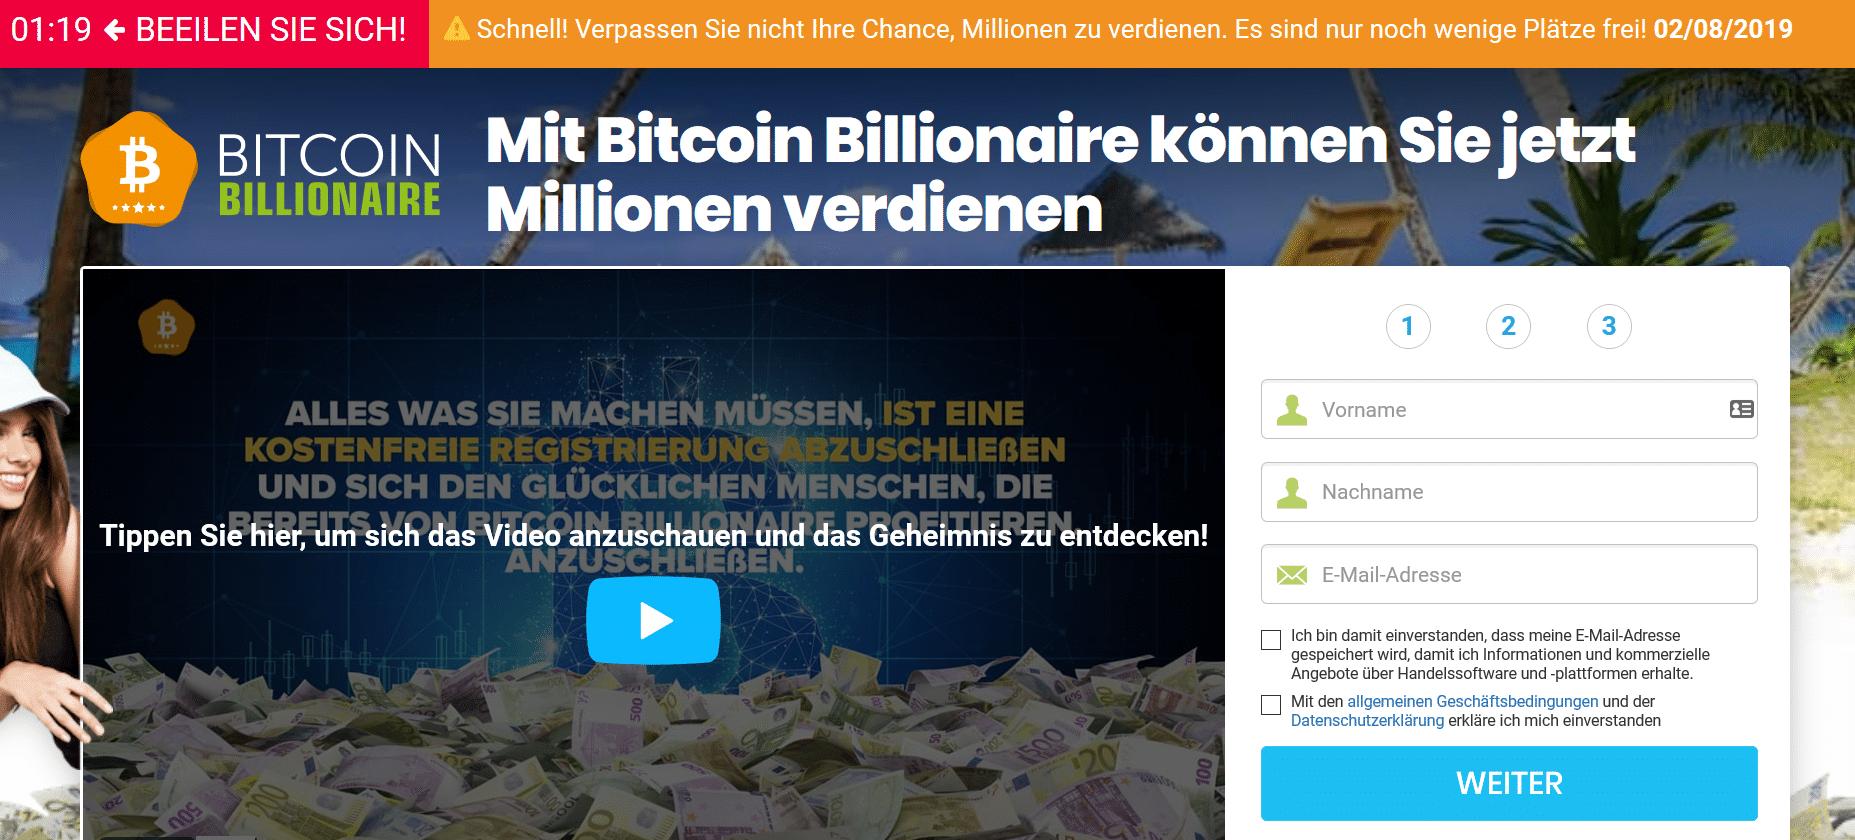 Mit Bitcoin Billionaire können Sie jetzt Millionen verdienen - Bitcoin Billionaire Landingpage